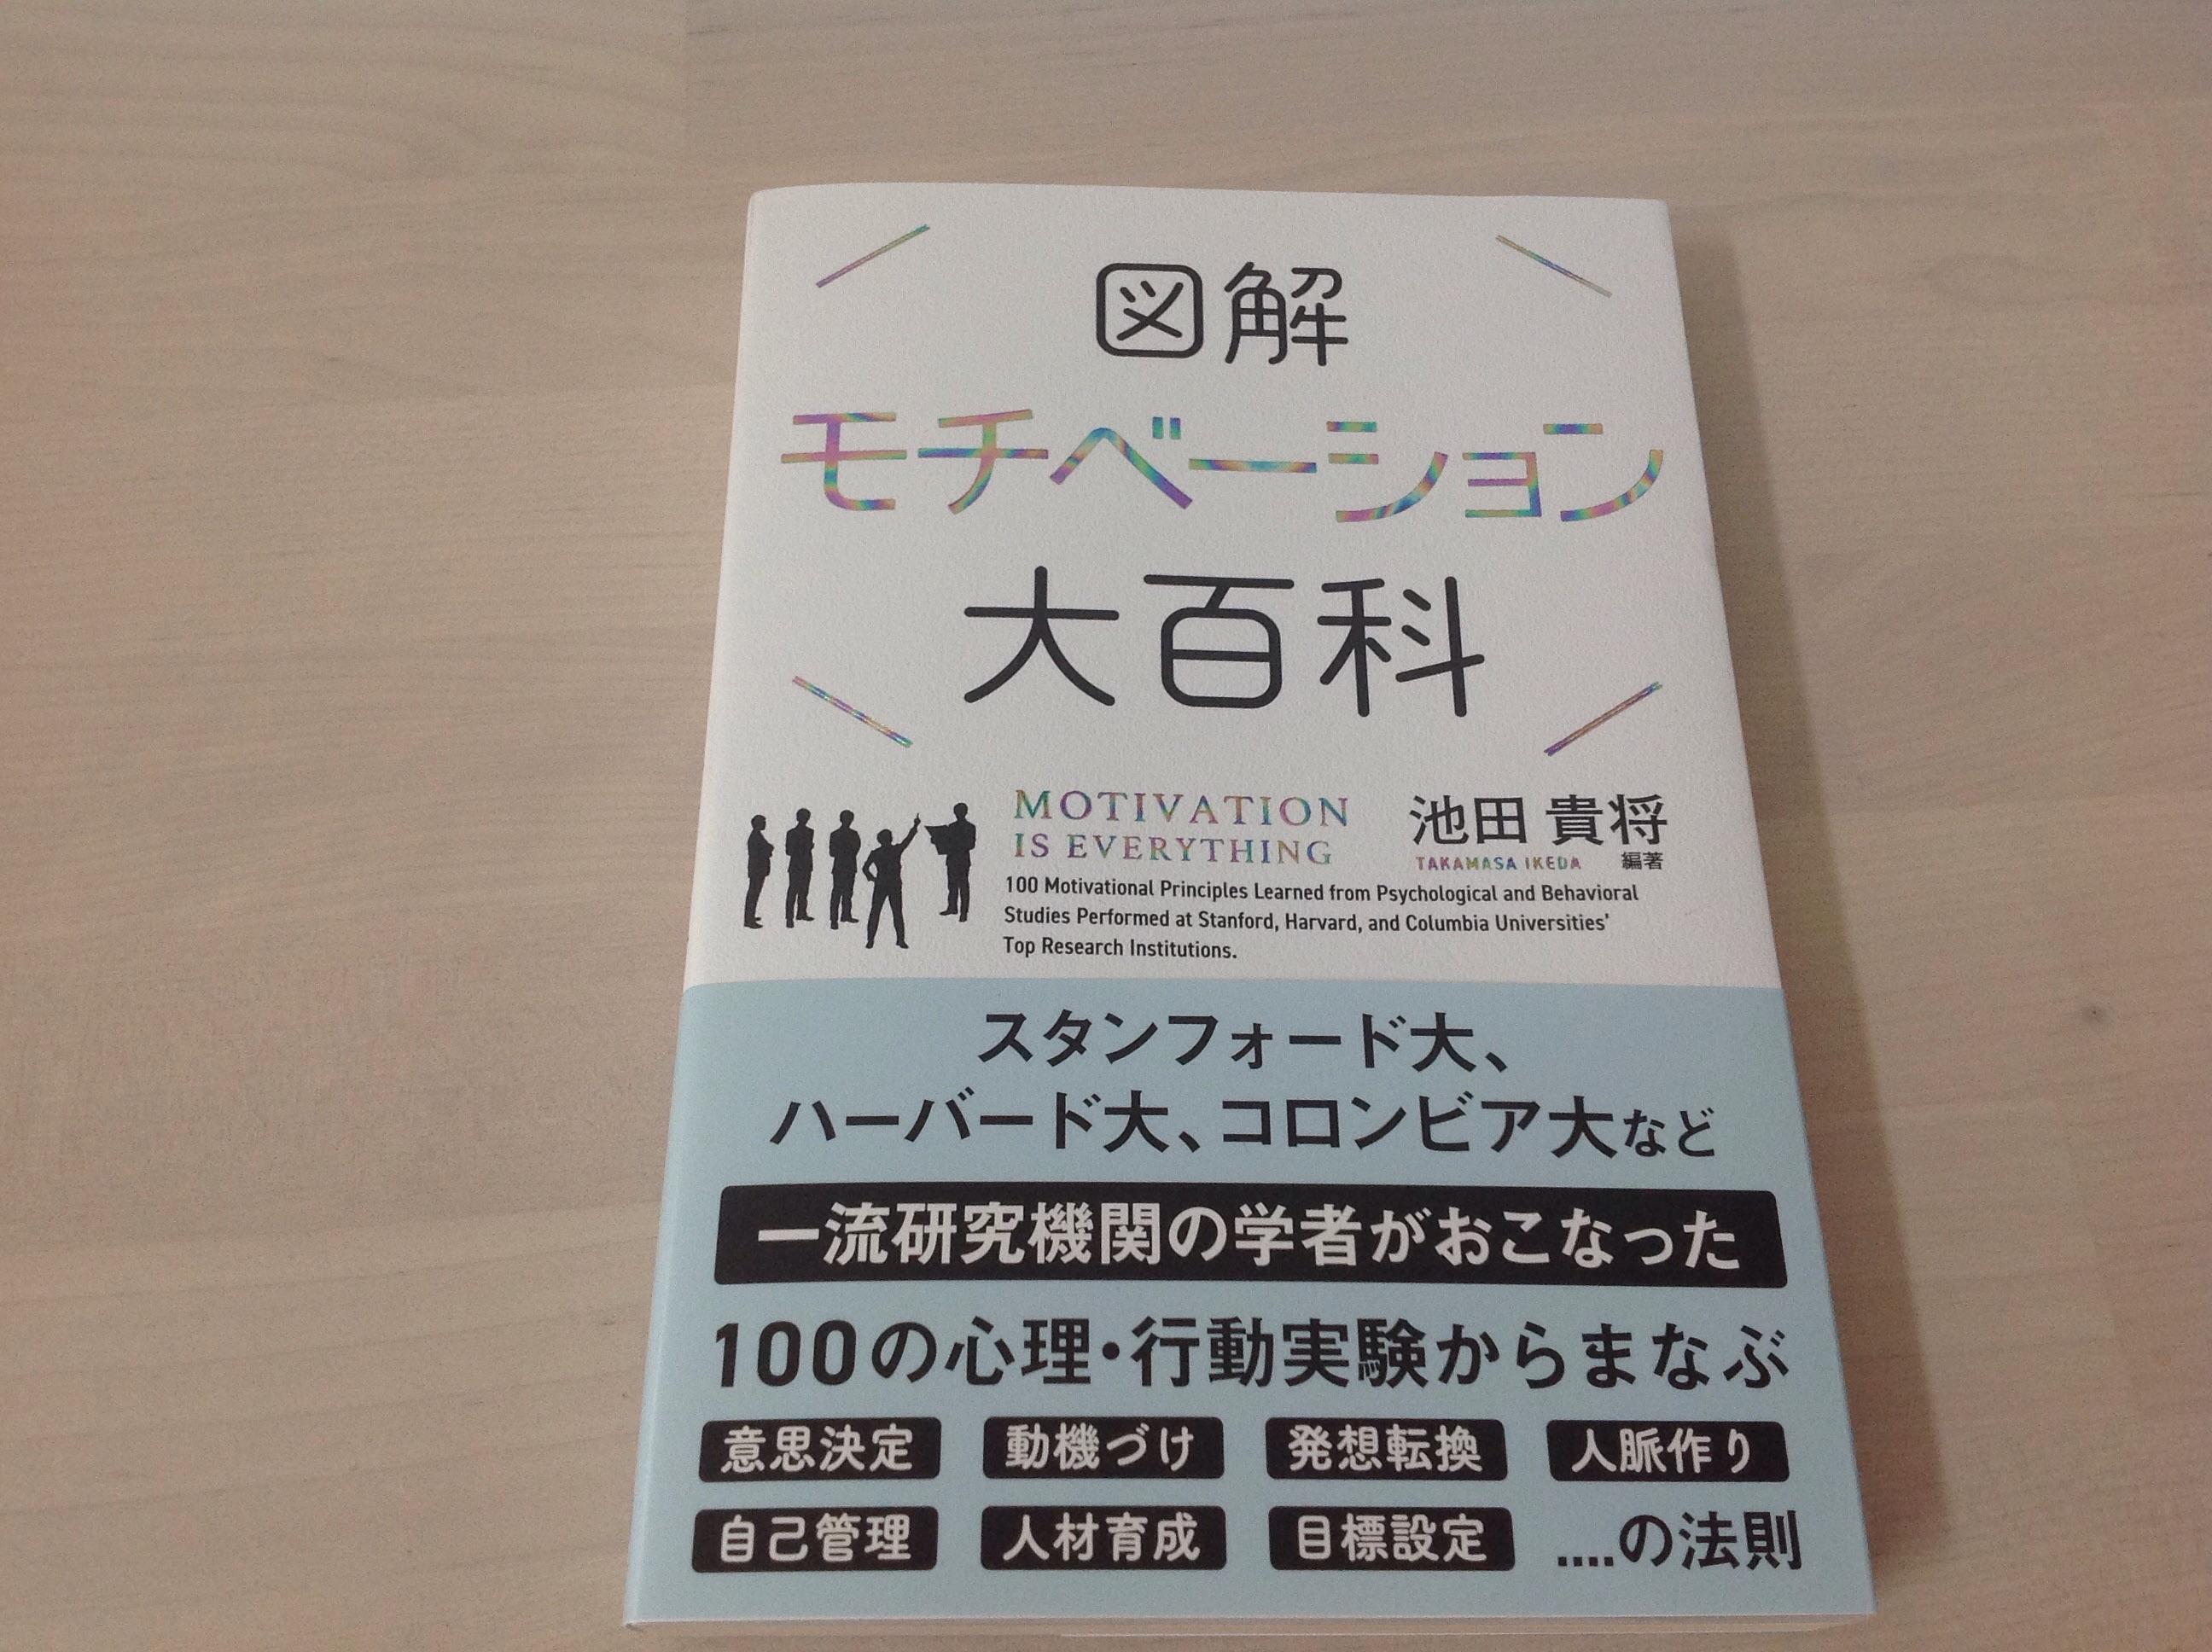 「図解モチベーション大百科」の感想